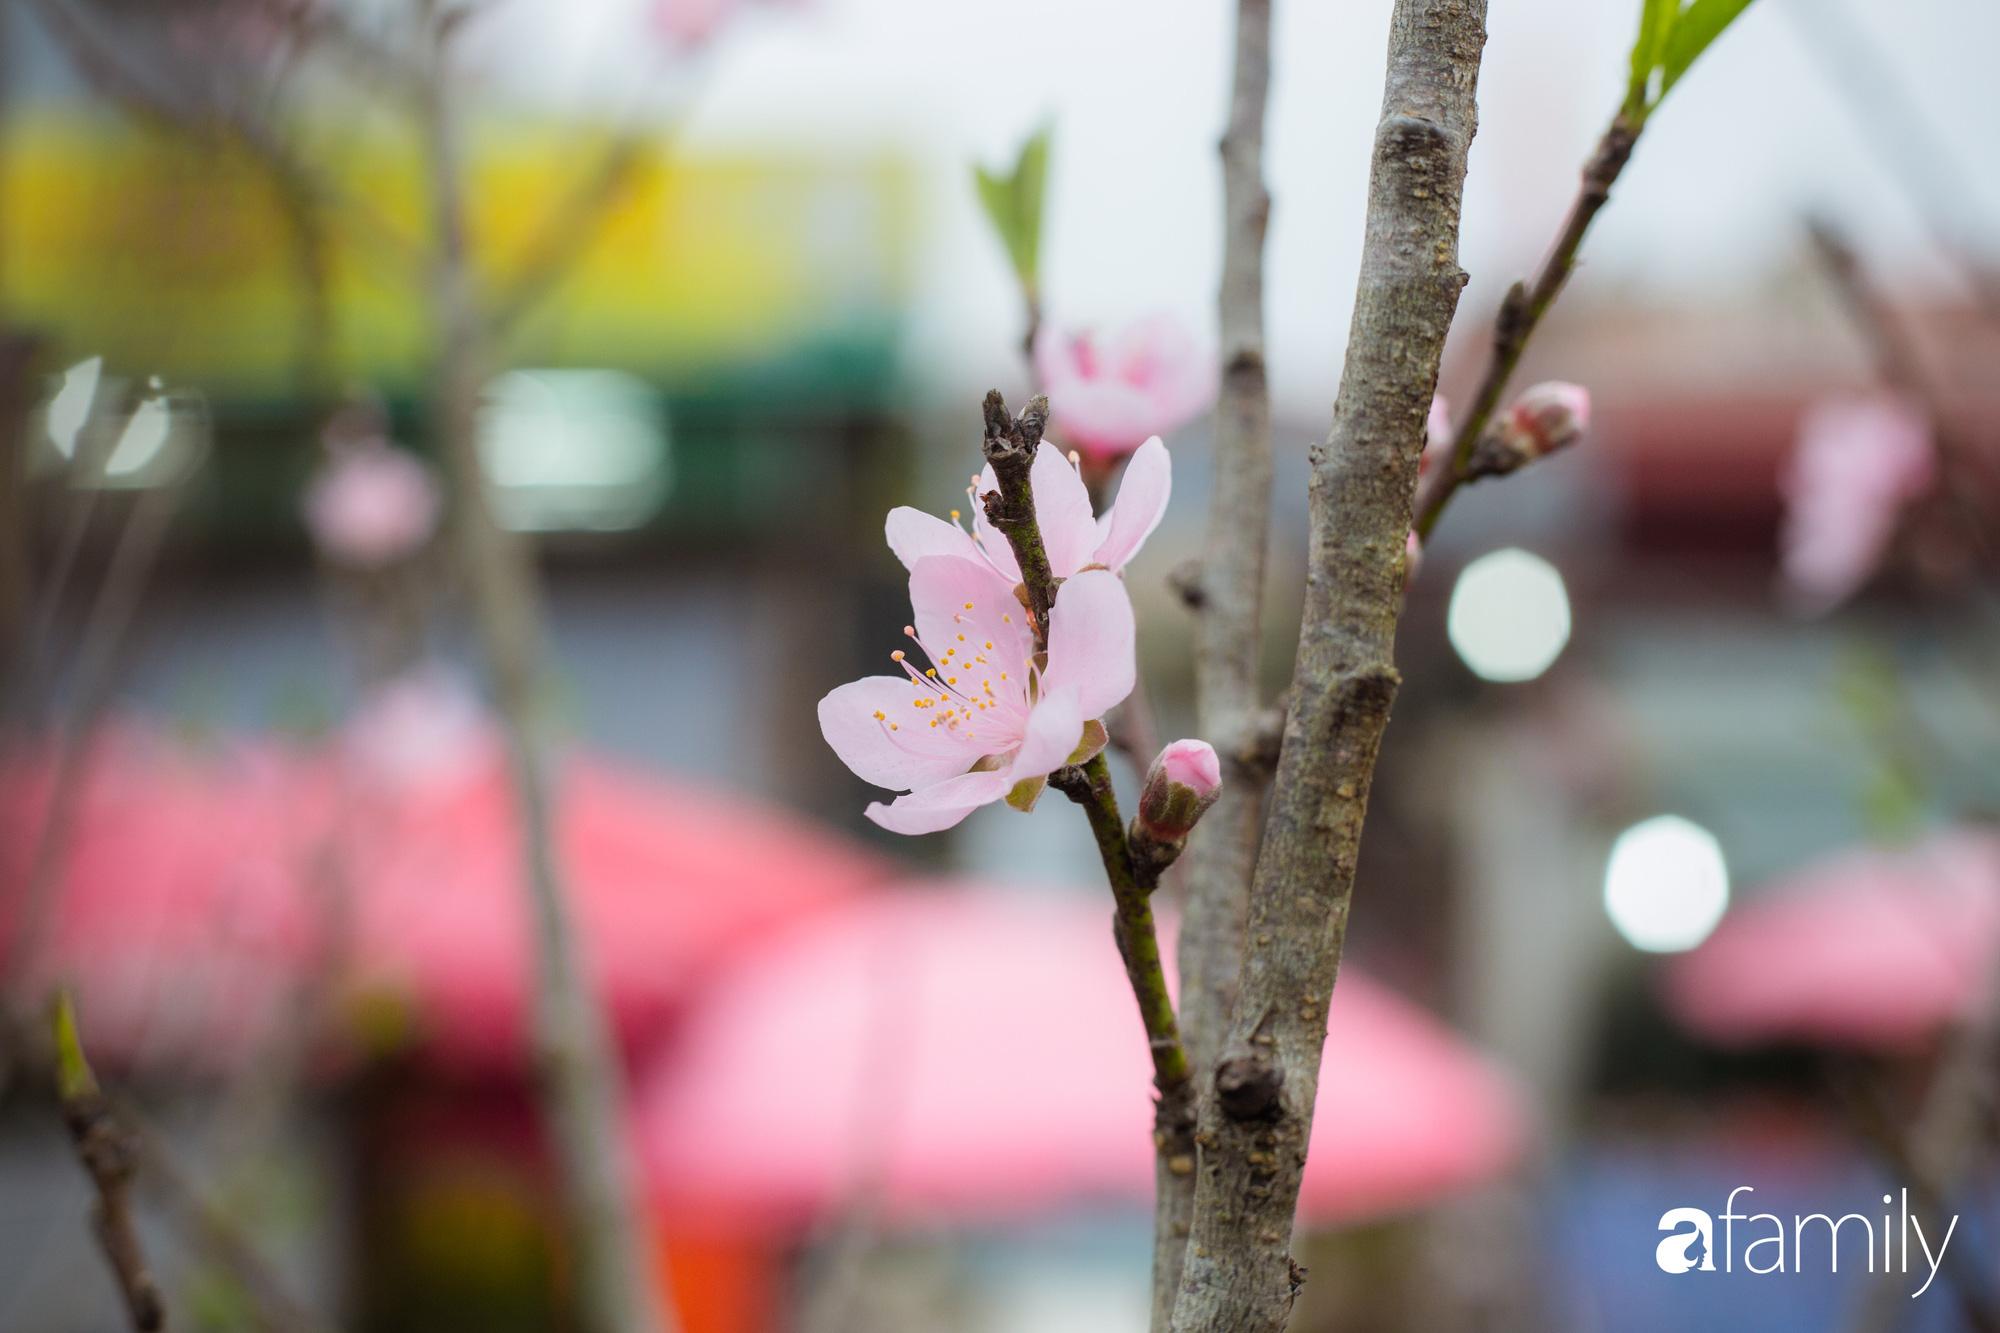 Những khoảnh khắc bình dị ngày cuối năm ở chợ hoa Quảng An, dù lạnh thấu xương nhưng người Hà Nội vẫn nô nức sắm hoa chơi Tết - Ảnh 10.